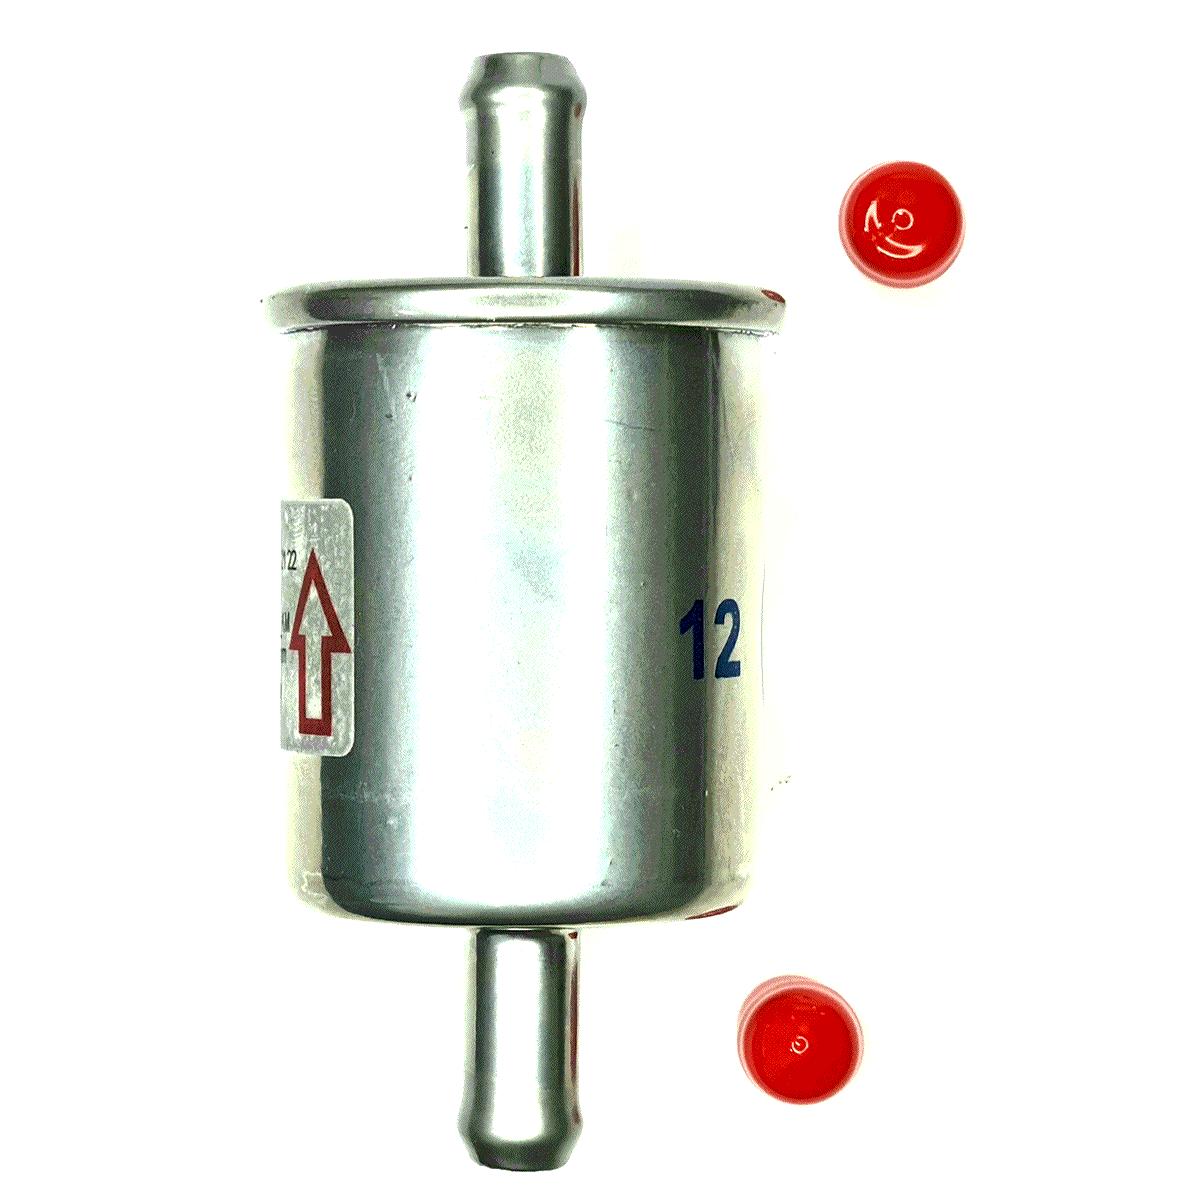 2 Filtros GNV 12 mm TROIAGAS Metal 5ª e 6ª geração protege bicos kits gás